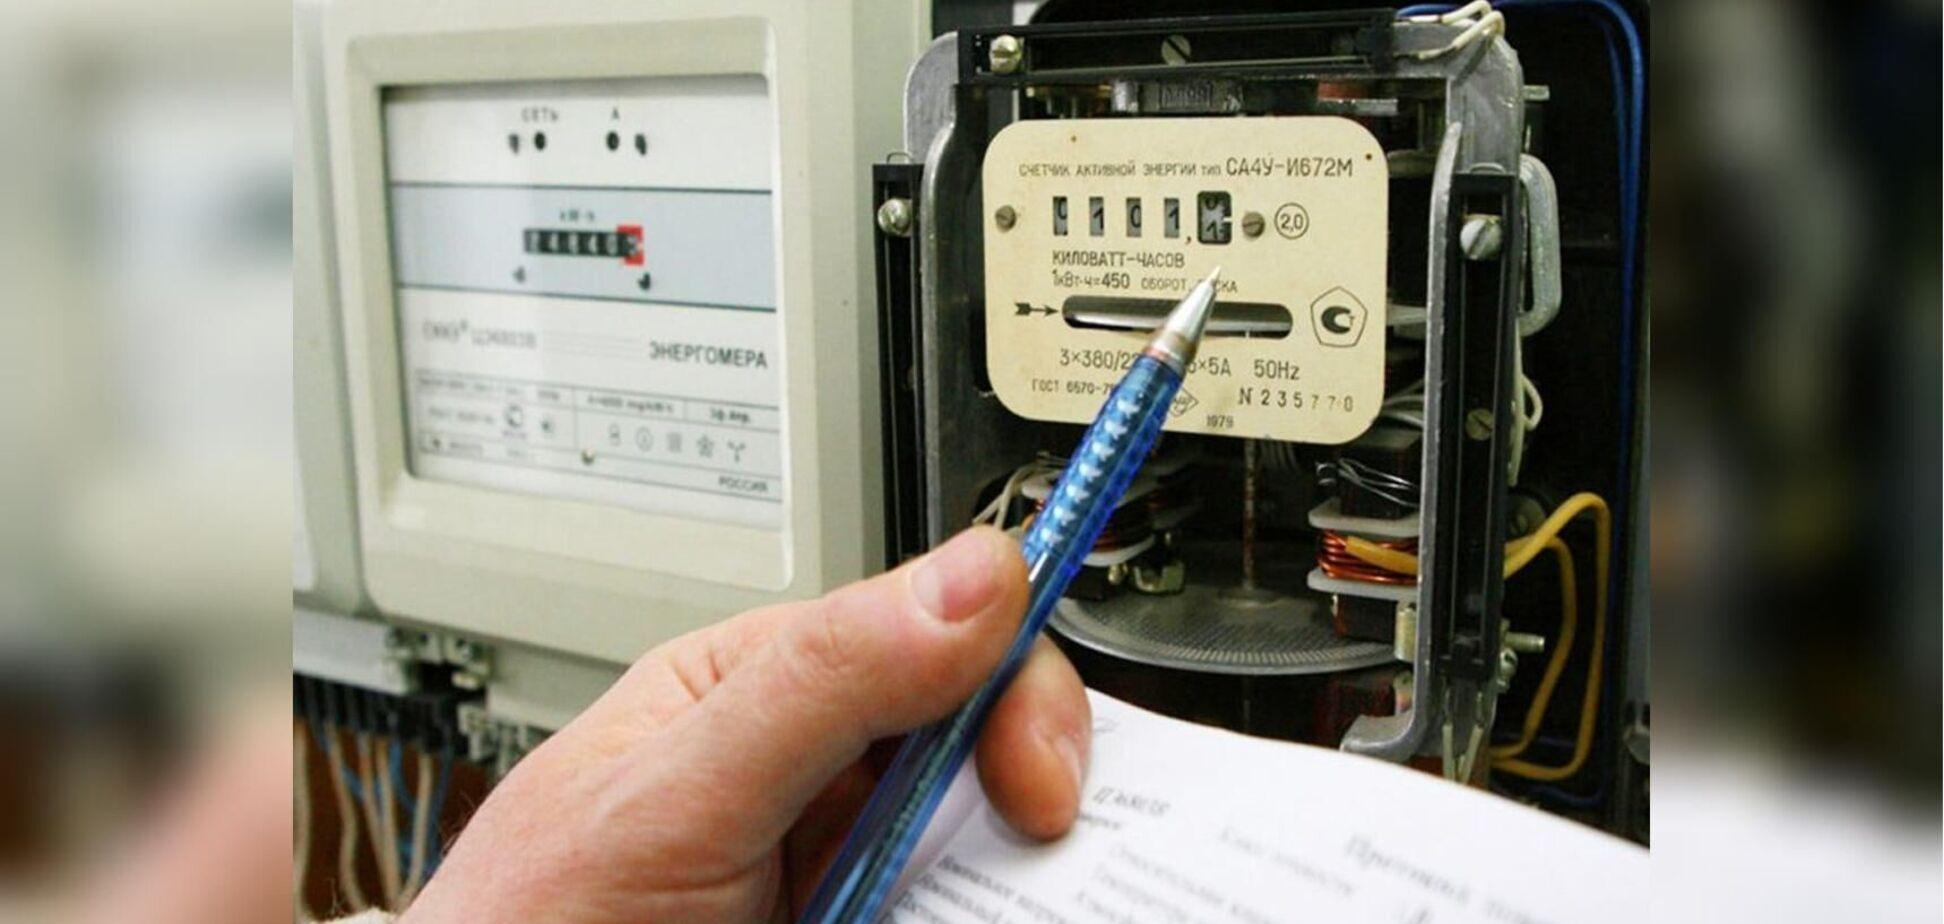 Задолженность перед электропоставщиком может возникать даже в случае своевременной оплаты